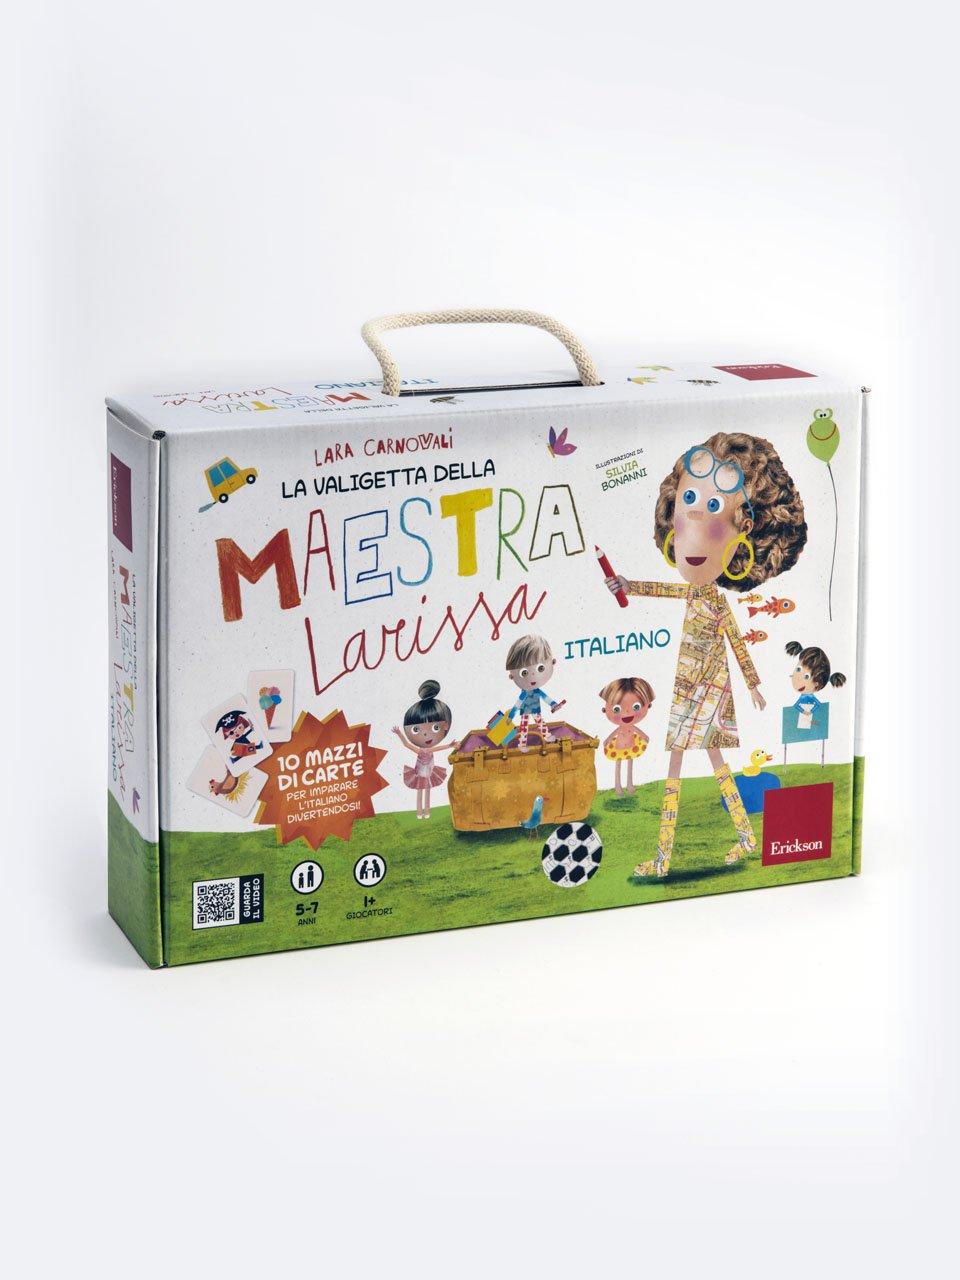 La valigetta della Maestra Larissa - Prove di lettura e scrittura MT-16-19 - Libri - Erickson